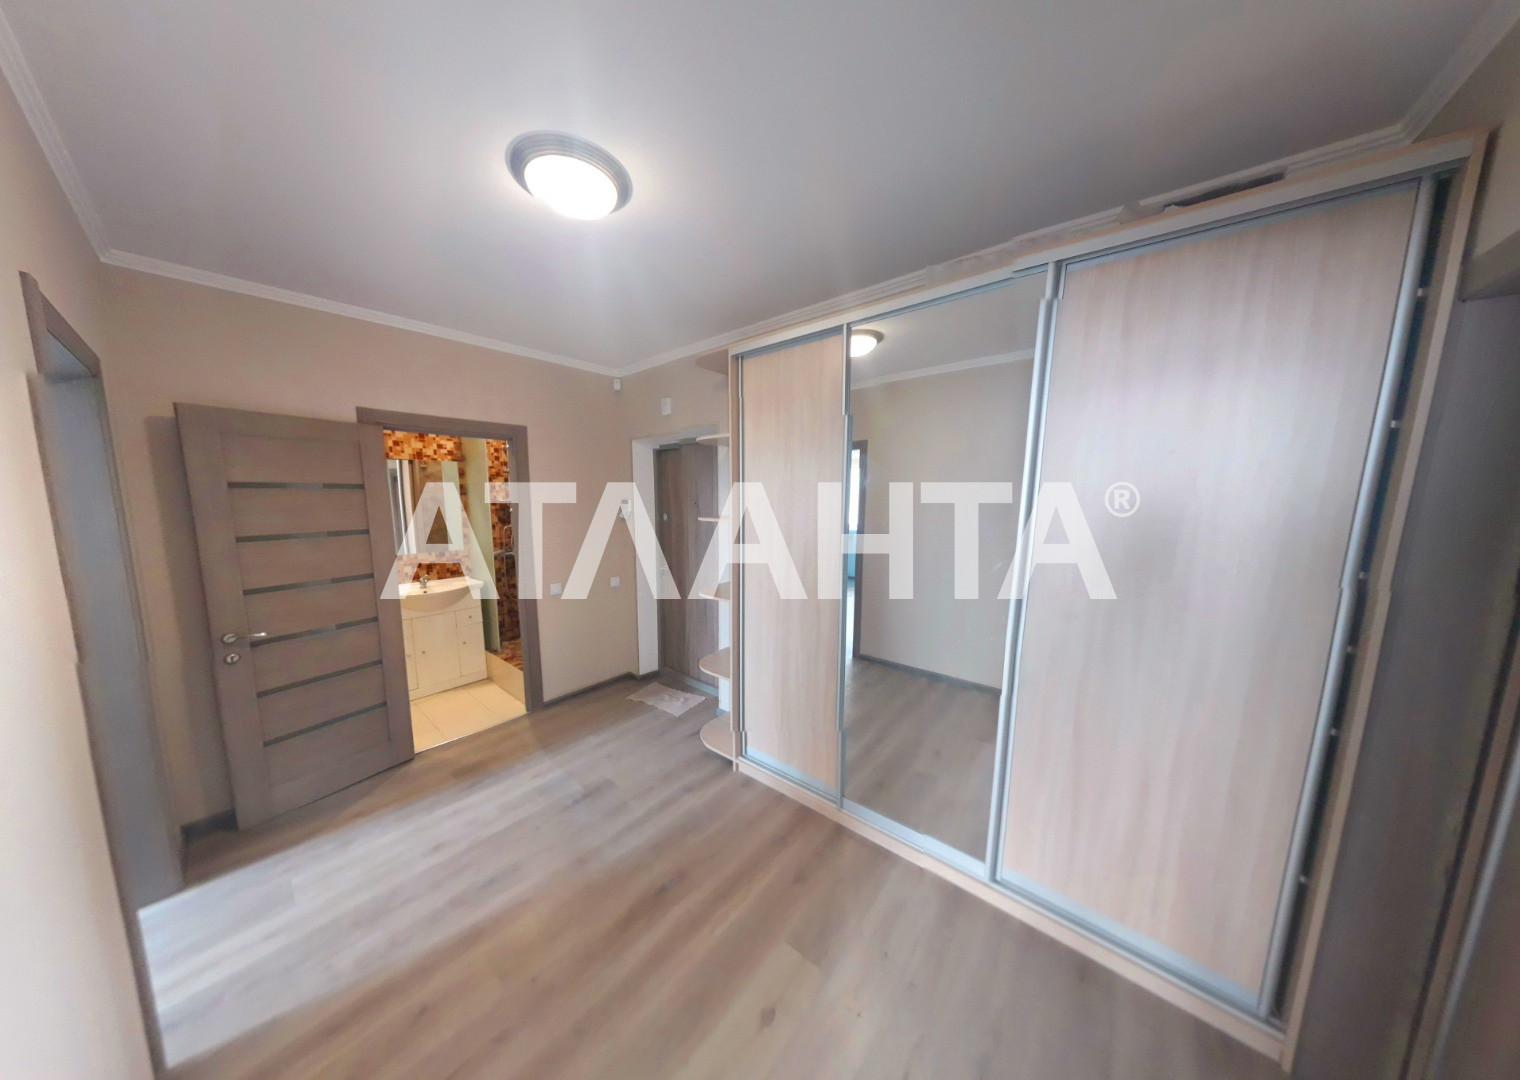 Продается 2-комнатная Квартира на ул. Ул. Вильямса — 130 000 у.е. (фото №14)